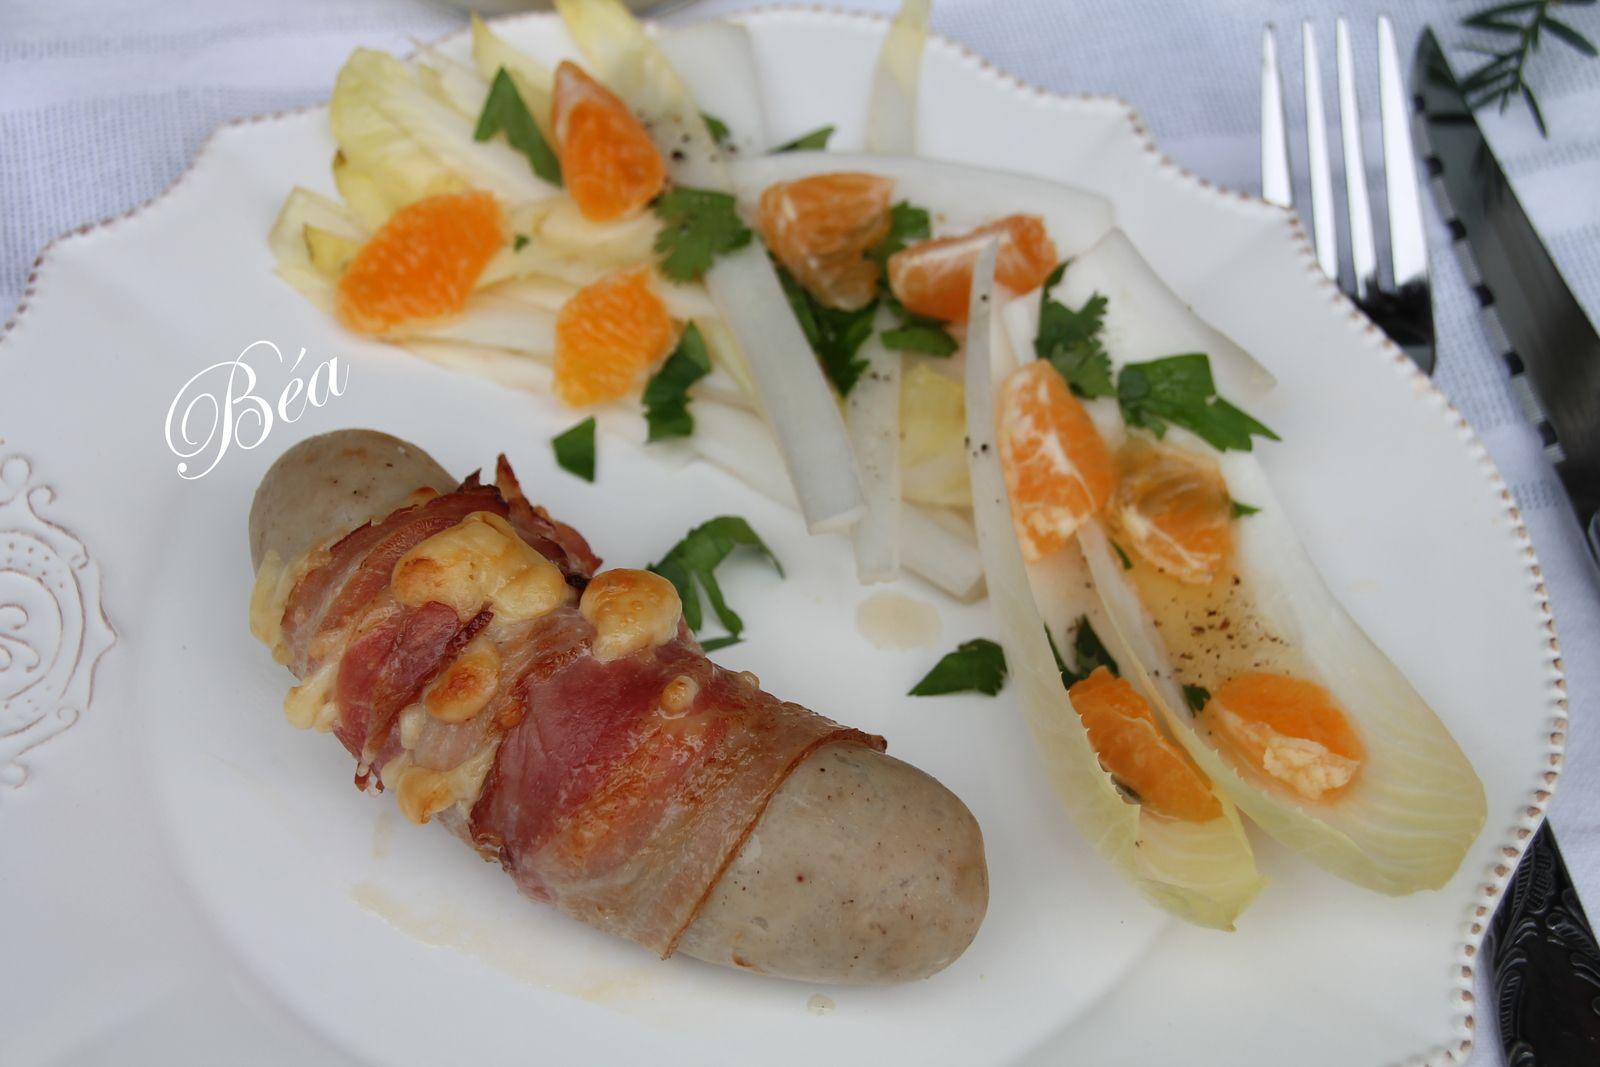 Boudins blancs lardés, purée de pommes de terre à l'huile à la truffe et salade d'endives à la clémentine